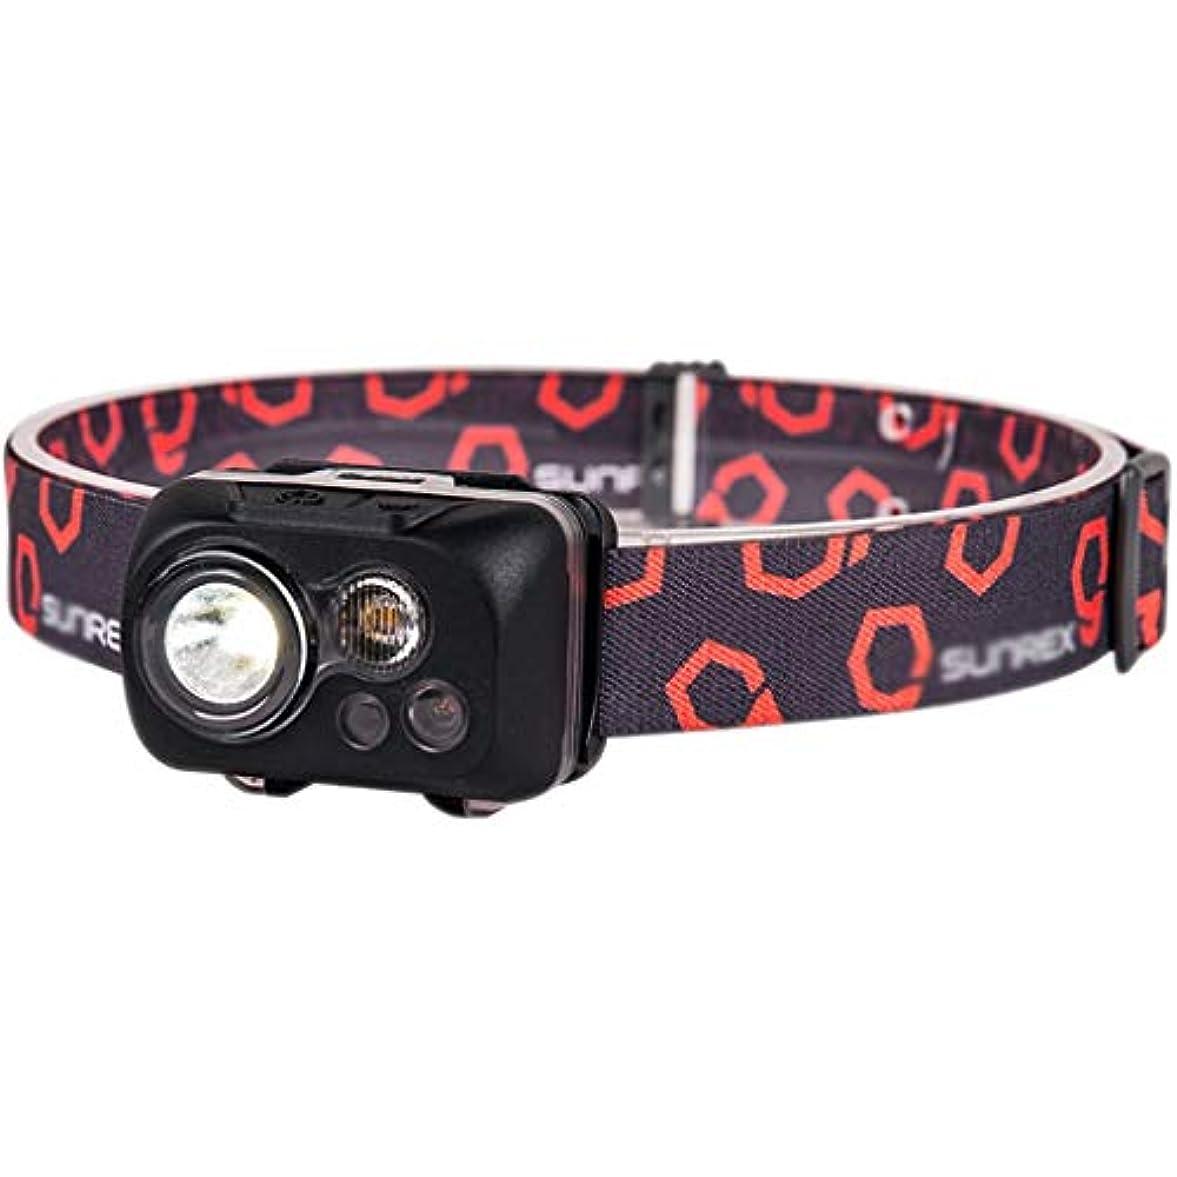 劣る気づかない膜ヘッドライト 誘導ヘッドライトグレアスーパーブライトフィッシングナイトフィッシングライト防水登山ハイキング屋外ヘッドライト led ヘッドライト